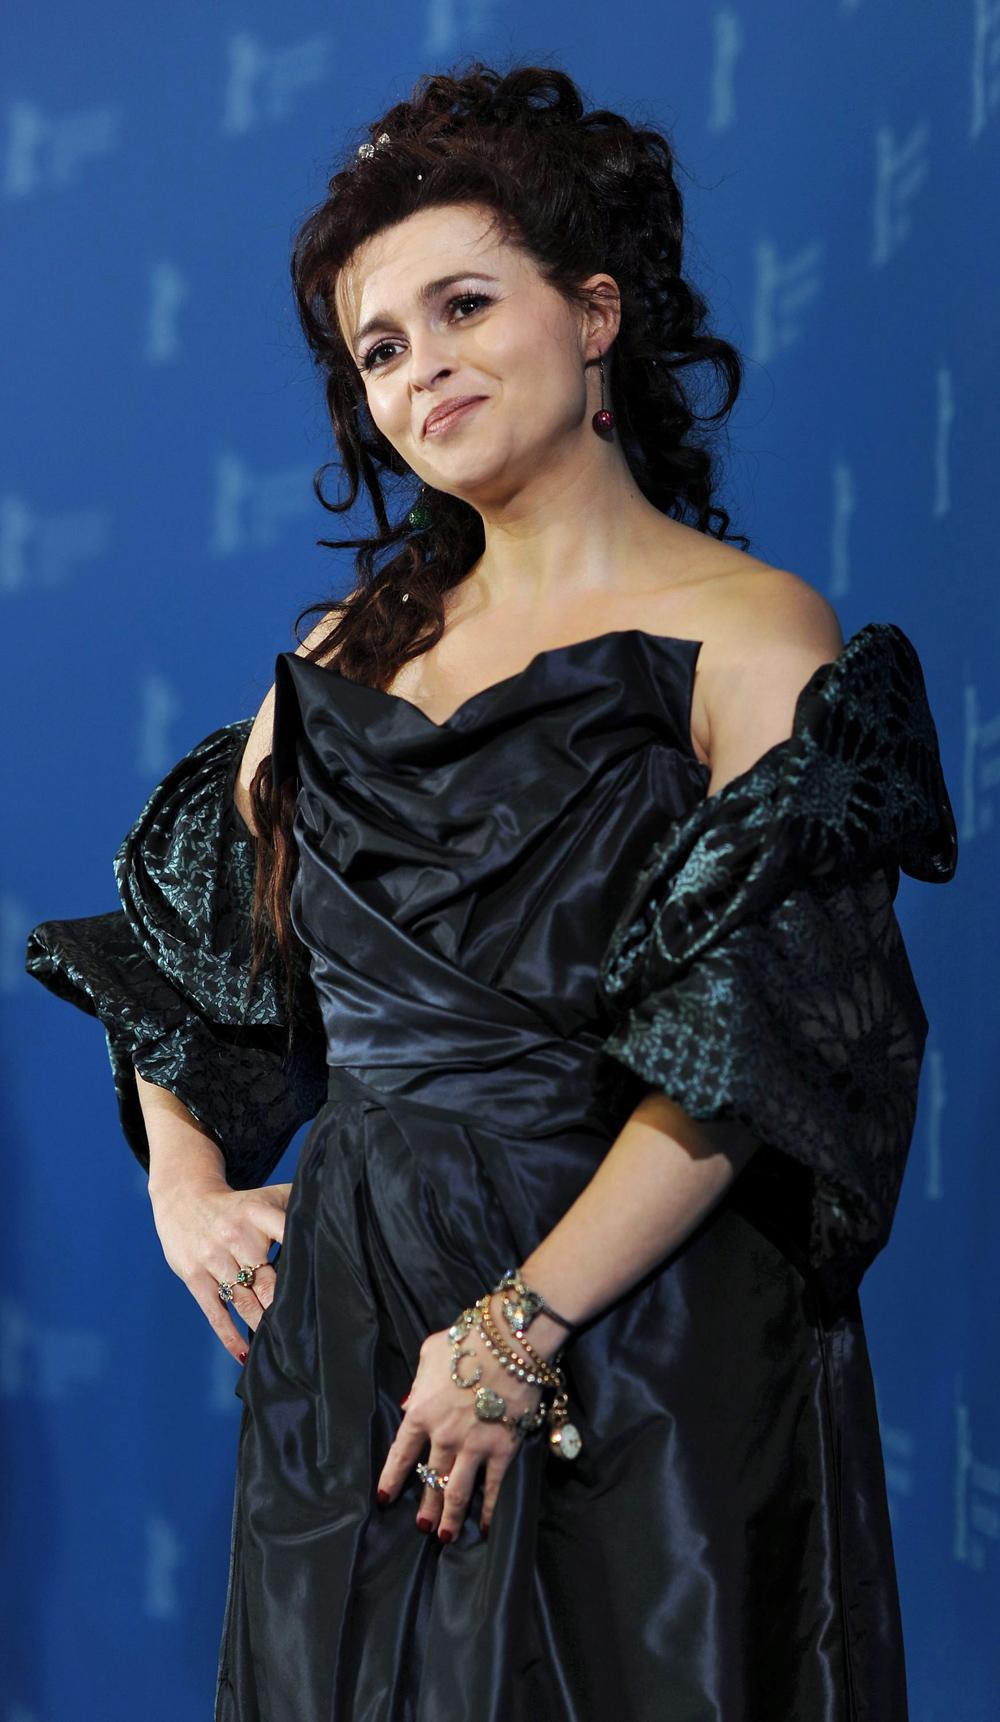 In foto Helena Bonham Carter (55 anni) Dall'articolo: Ho lavorato solo d'istinto.